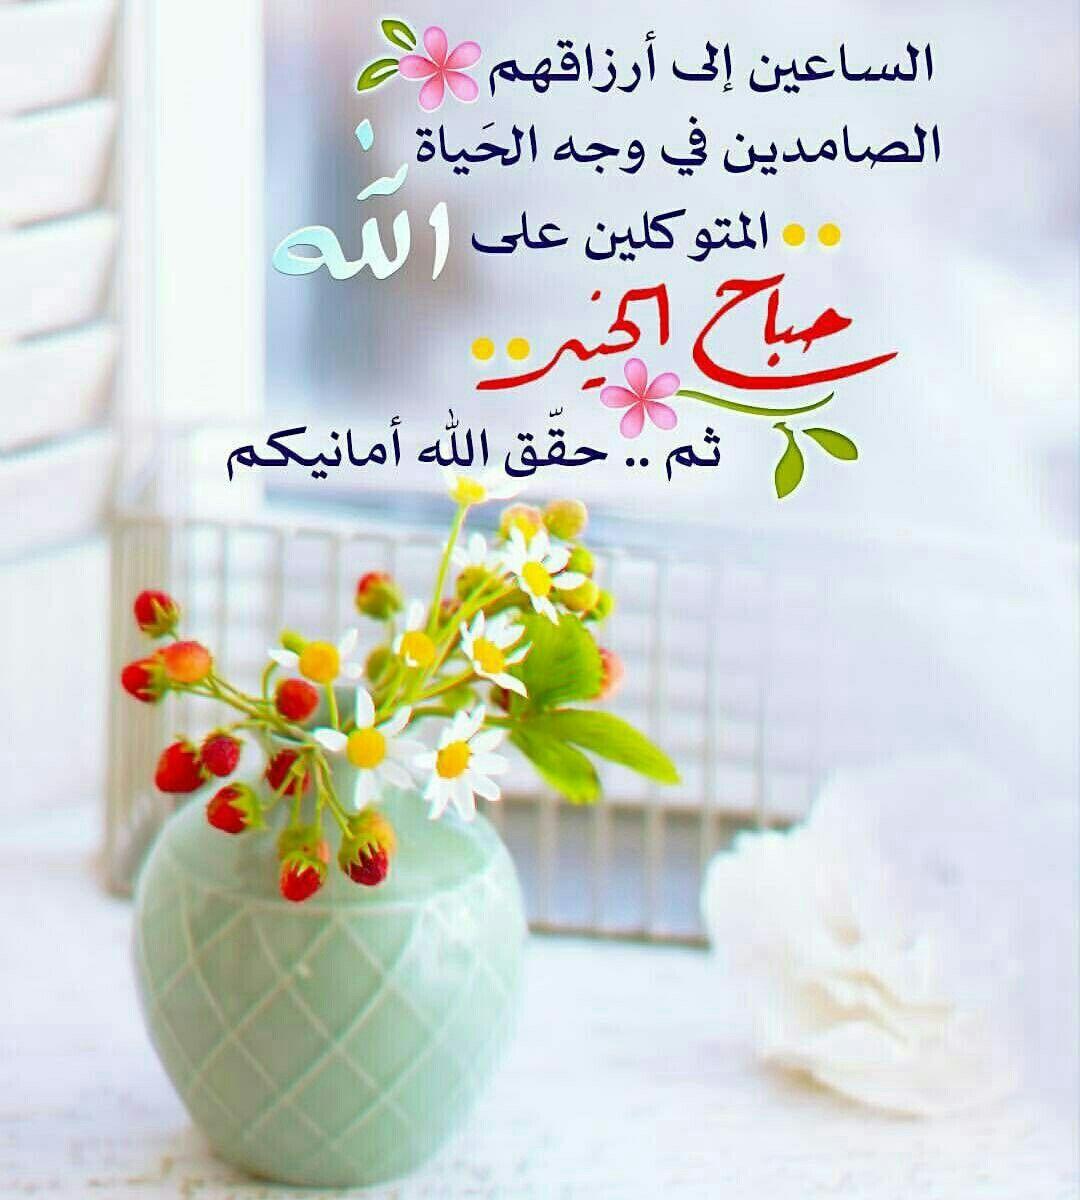 همســـة الصباح نطق الصباح برحمة الرحمن من ذا الذي يرعاك أو يرعاني يا Good Morning Flowers Good Morning Messages Beautiful Morning Messages